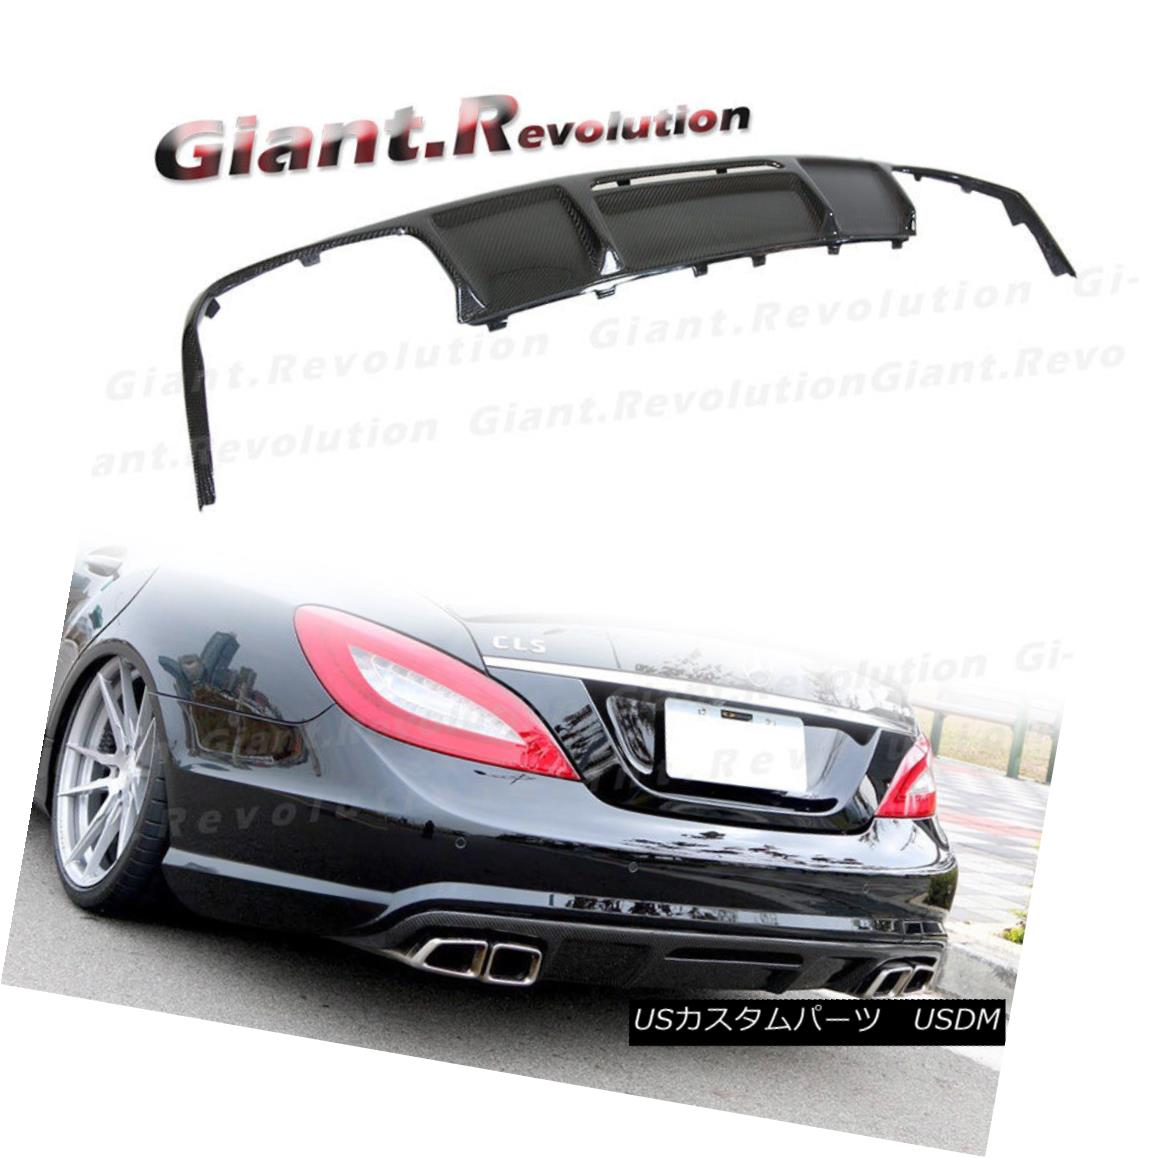 エアロパーツ For Benz 11-16 W218 CLS63 AMG Bumper Sporty Style Carbon Fiber Rear Diffuser Lip ベンツ11-16 W218 CLS63 AMGバンパースポーティスタイルカーボンファイバーリアディフューザリップ